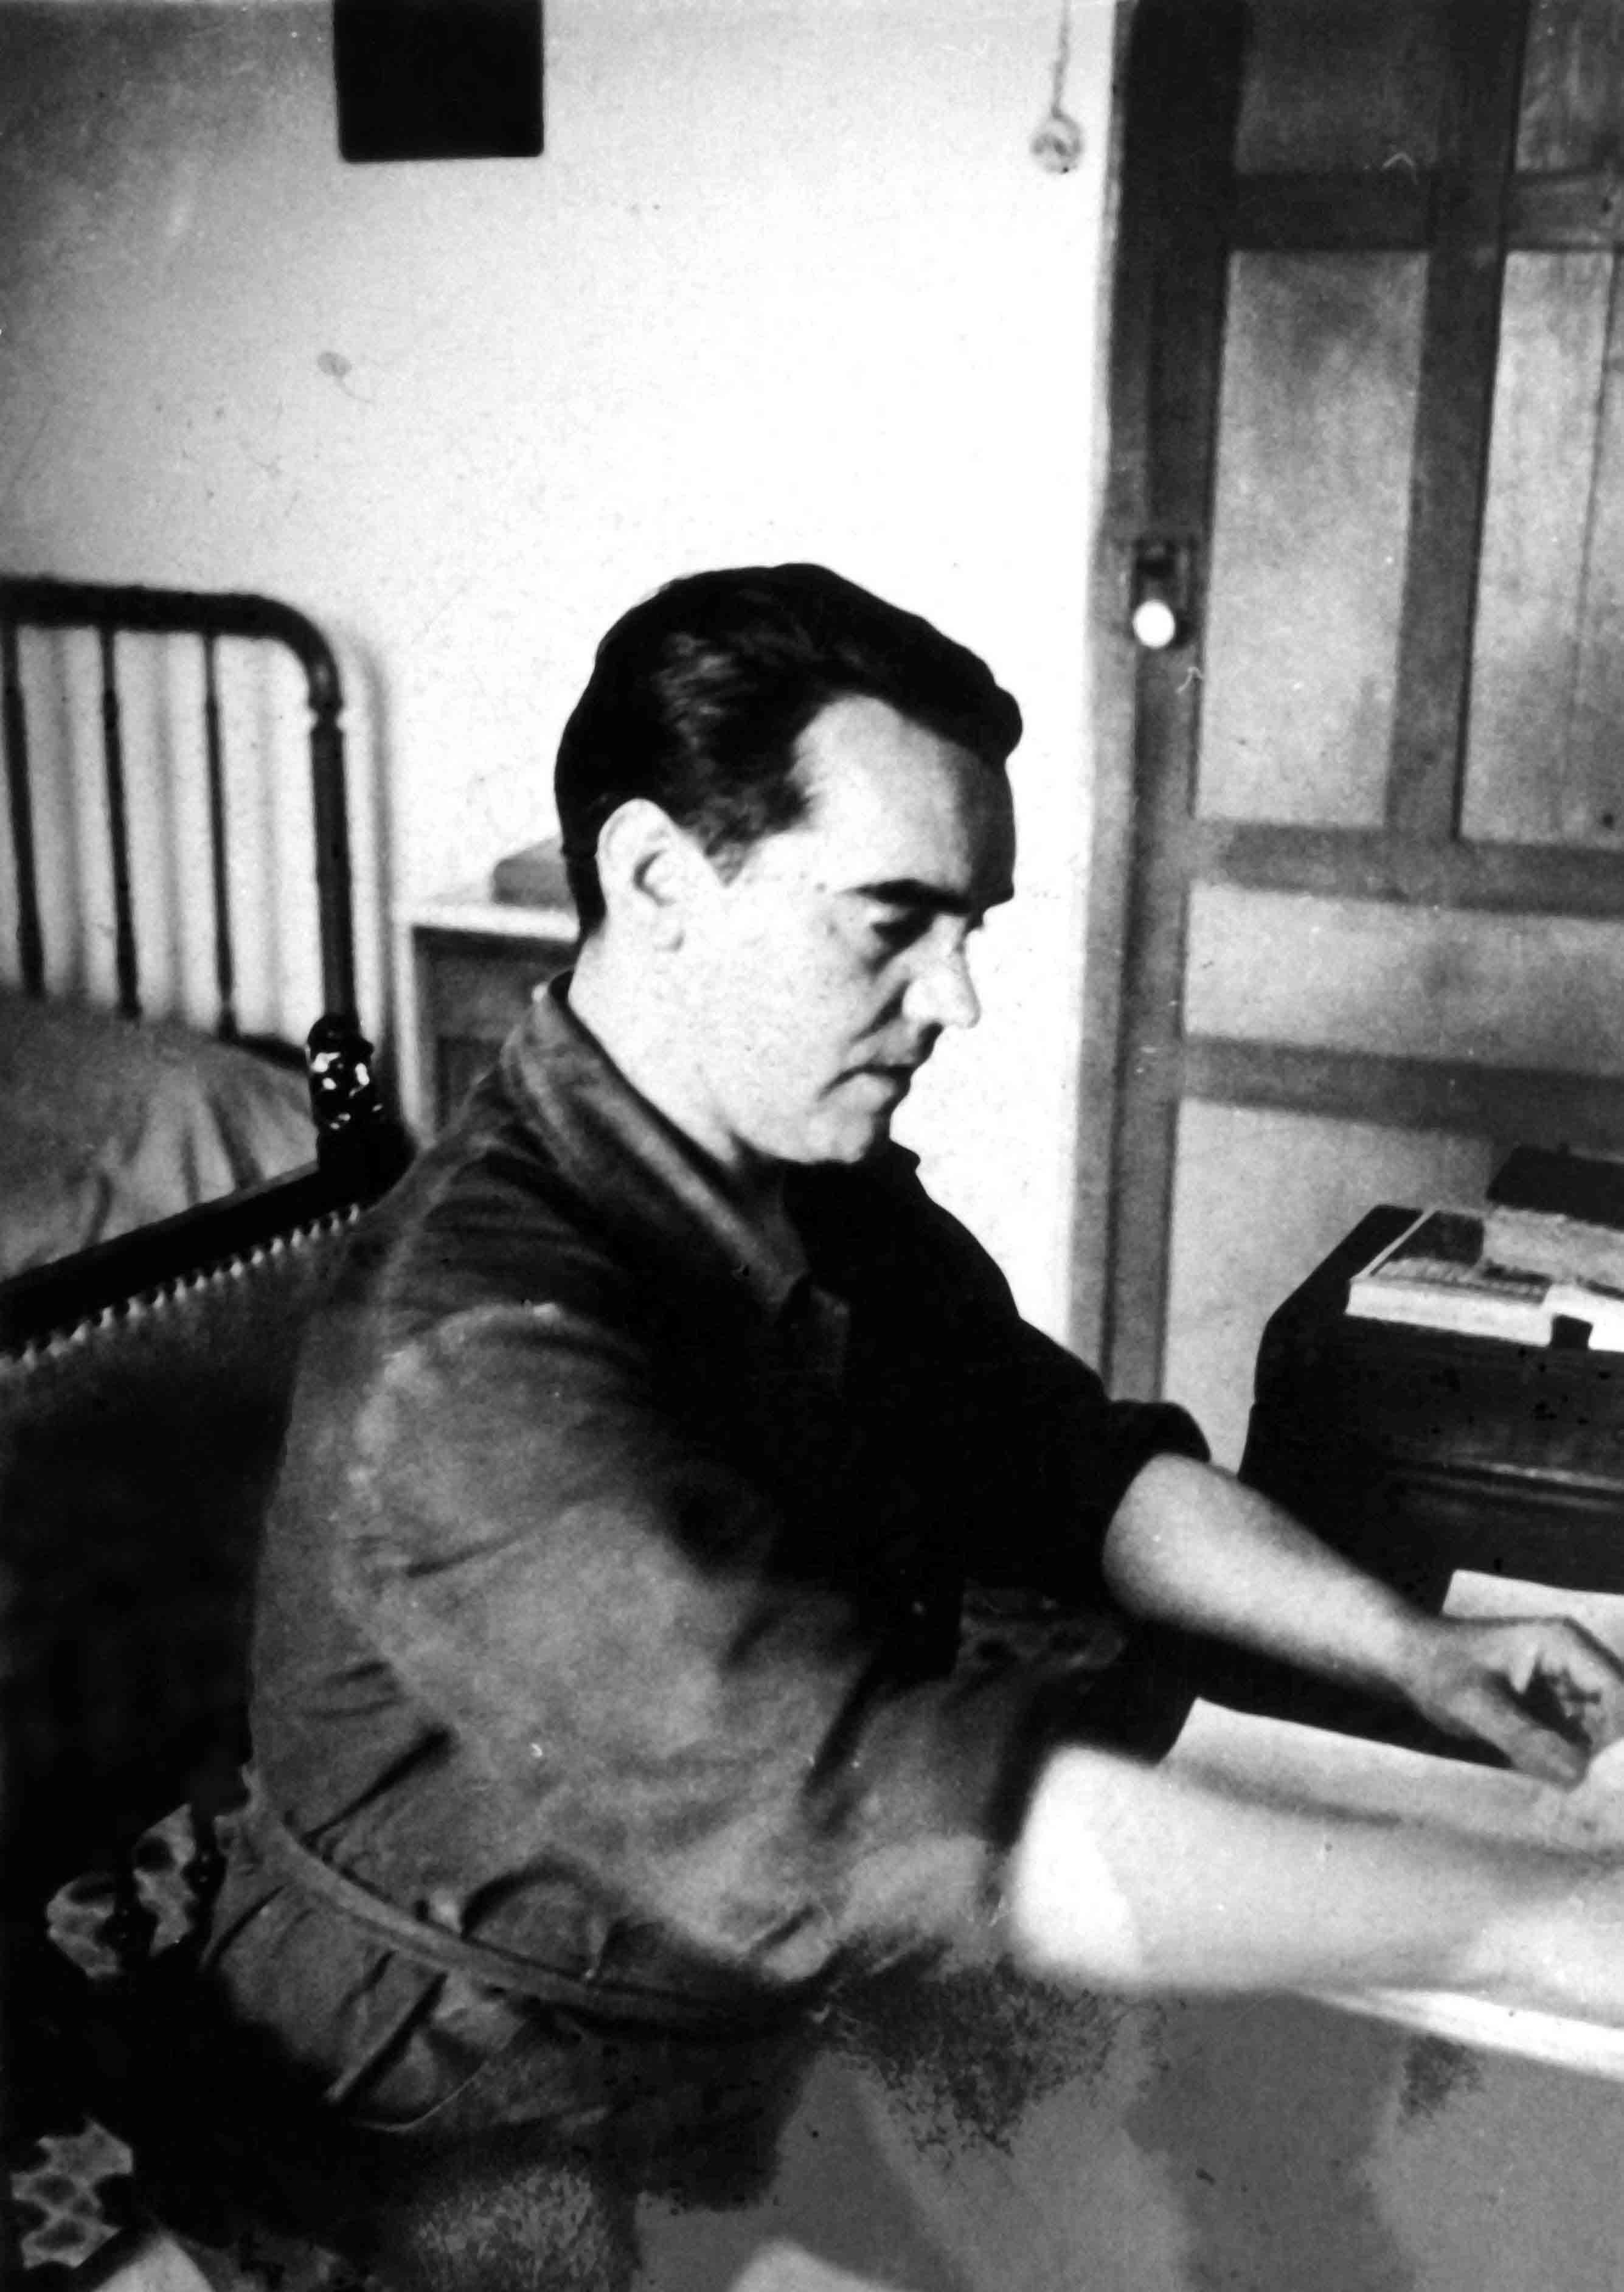 Federico García Lorca en su escritorio, en 1935. Imagen: Eduardo Blanco Amor. Fuente: Archivo fotográfico de Eduardo Blanco Amor. Biblioteca de la Diputación de Ourense.